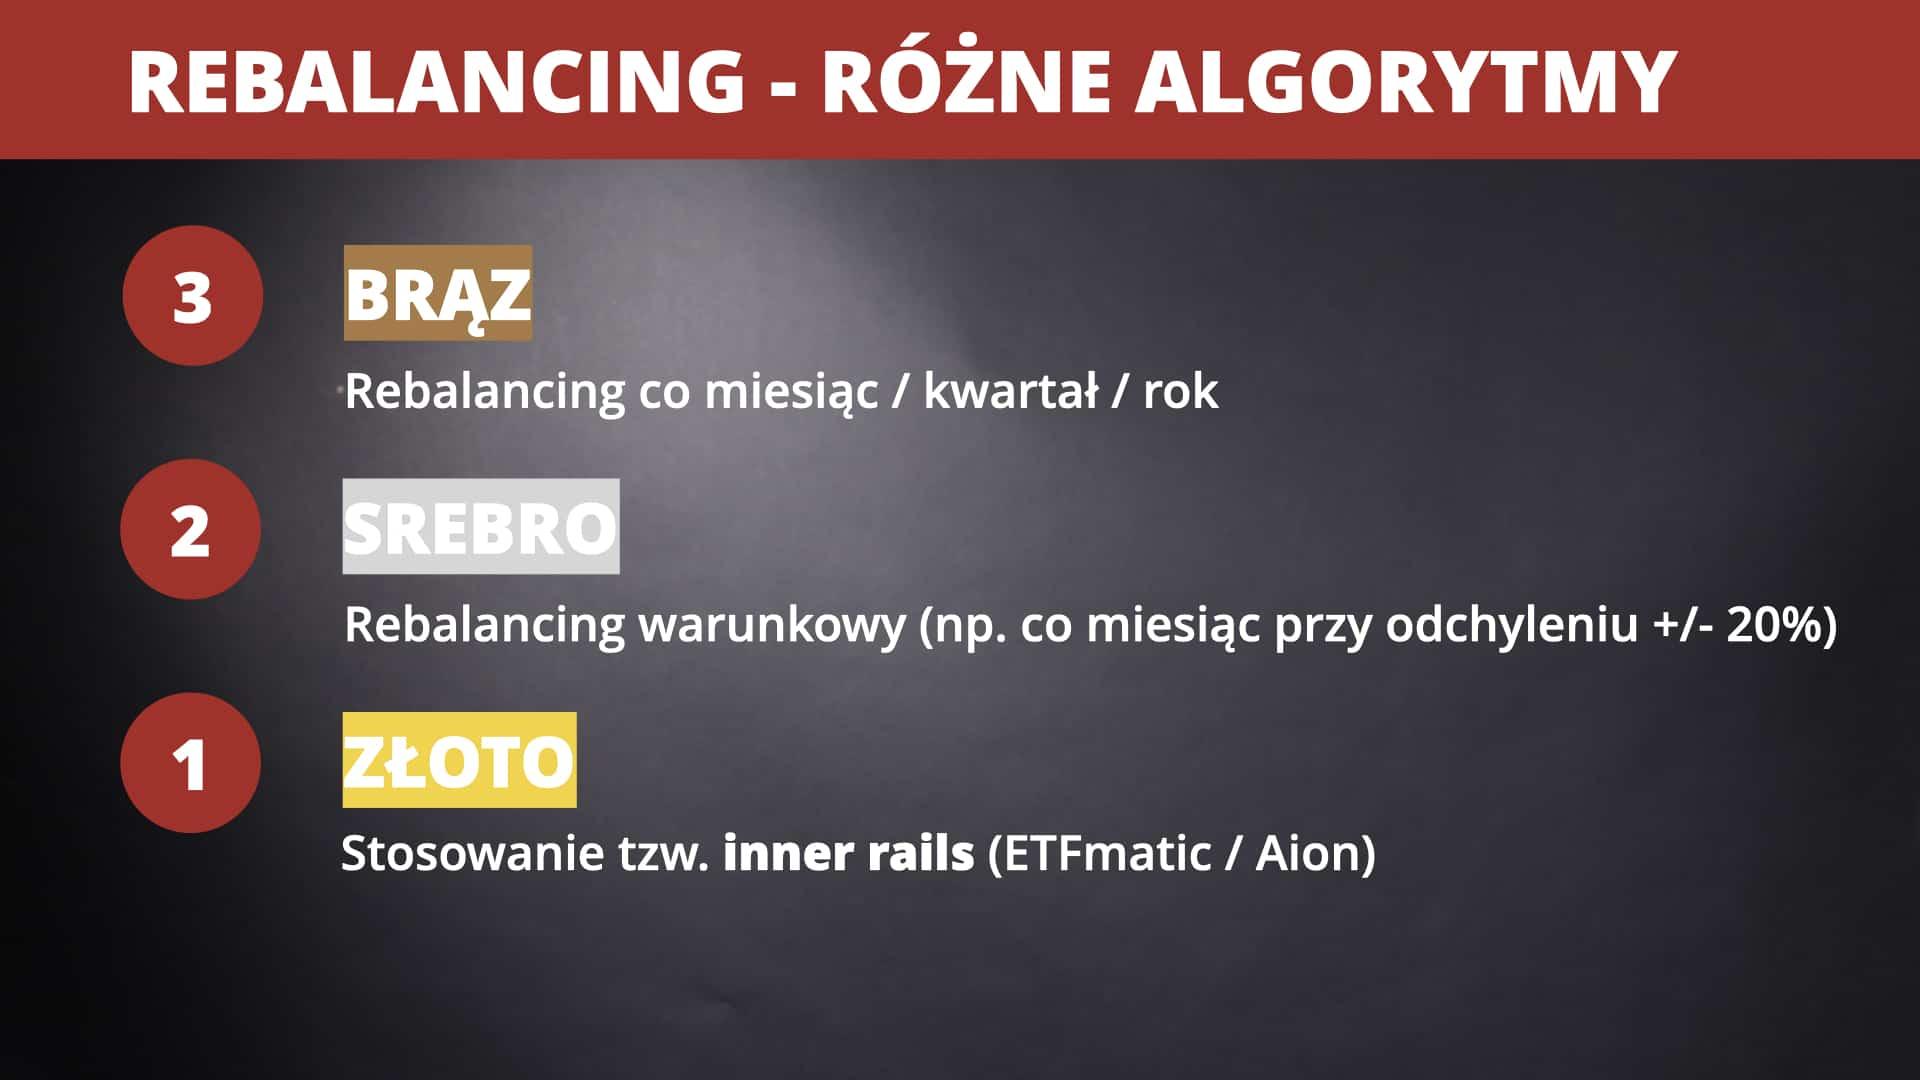 Trzy sposoby rebalancingu